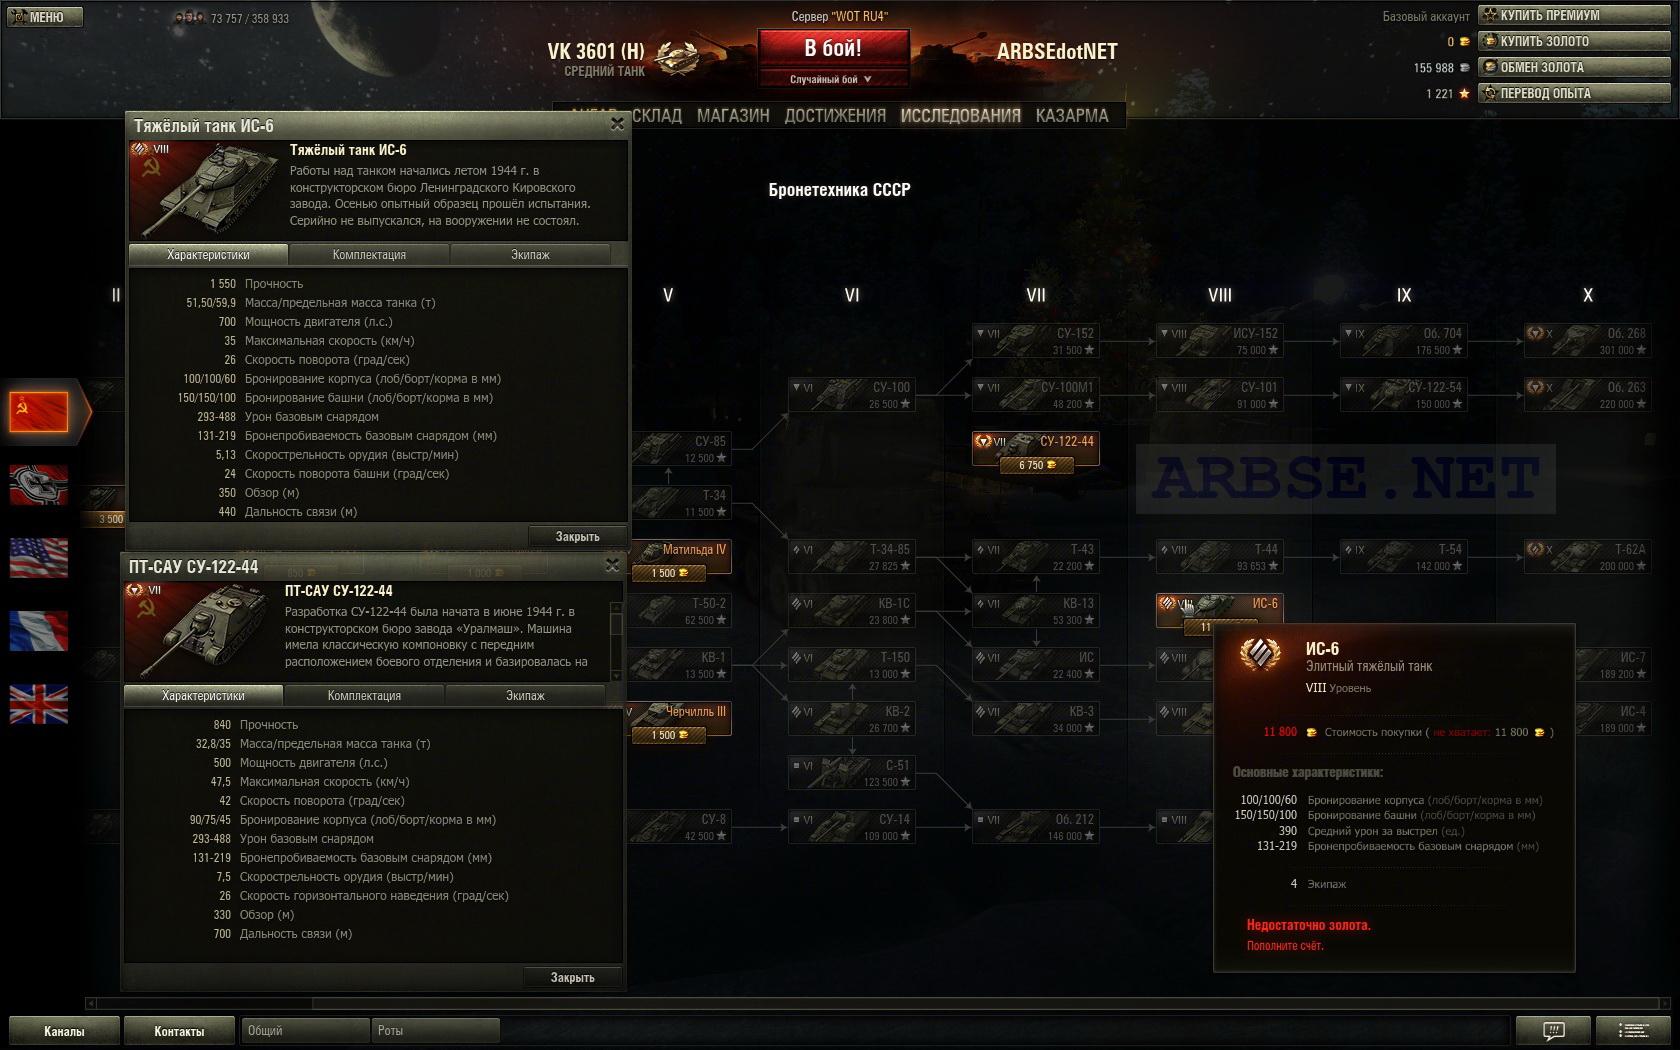 Премиум танки в ворлд оф танкс wot объект 777 или объект 260